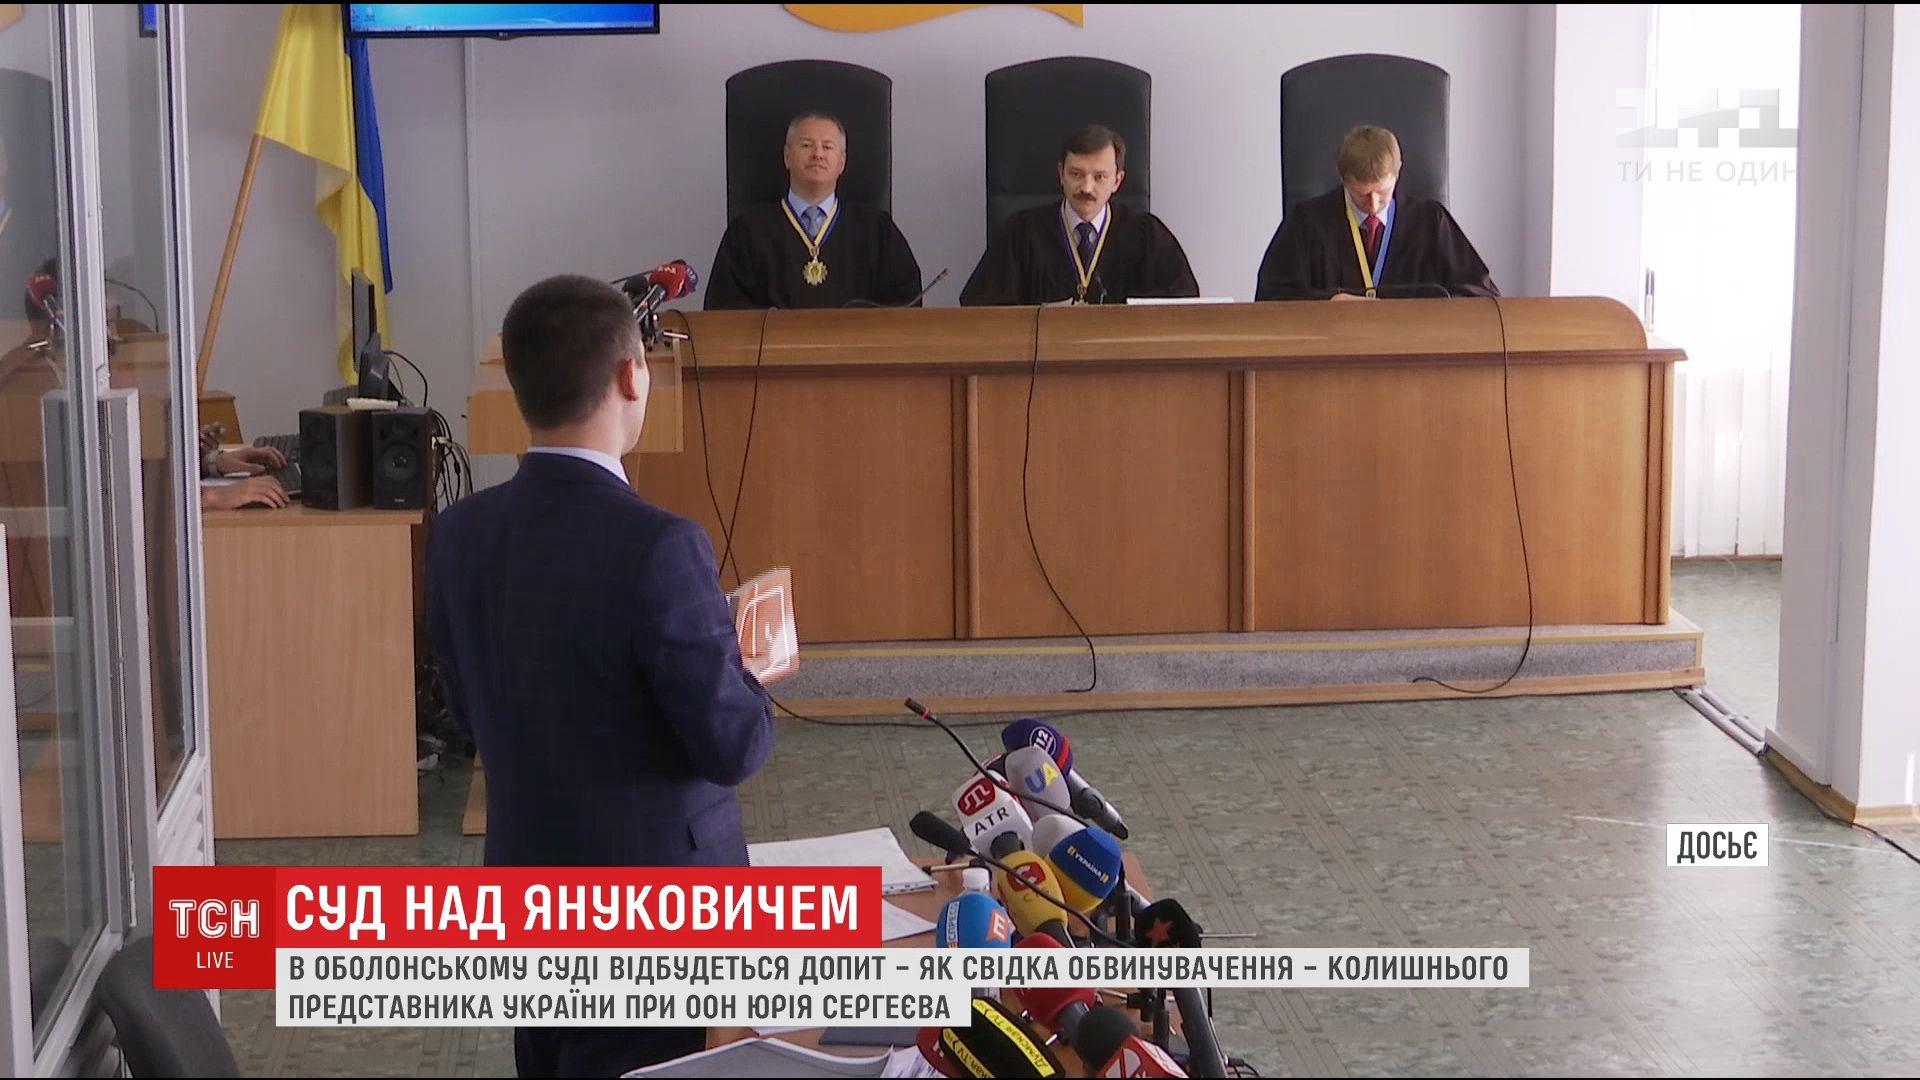 Янукович обвиняется в совершении госизмены / скриншот